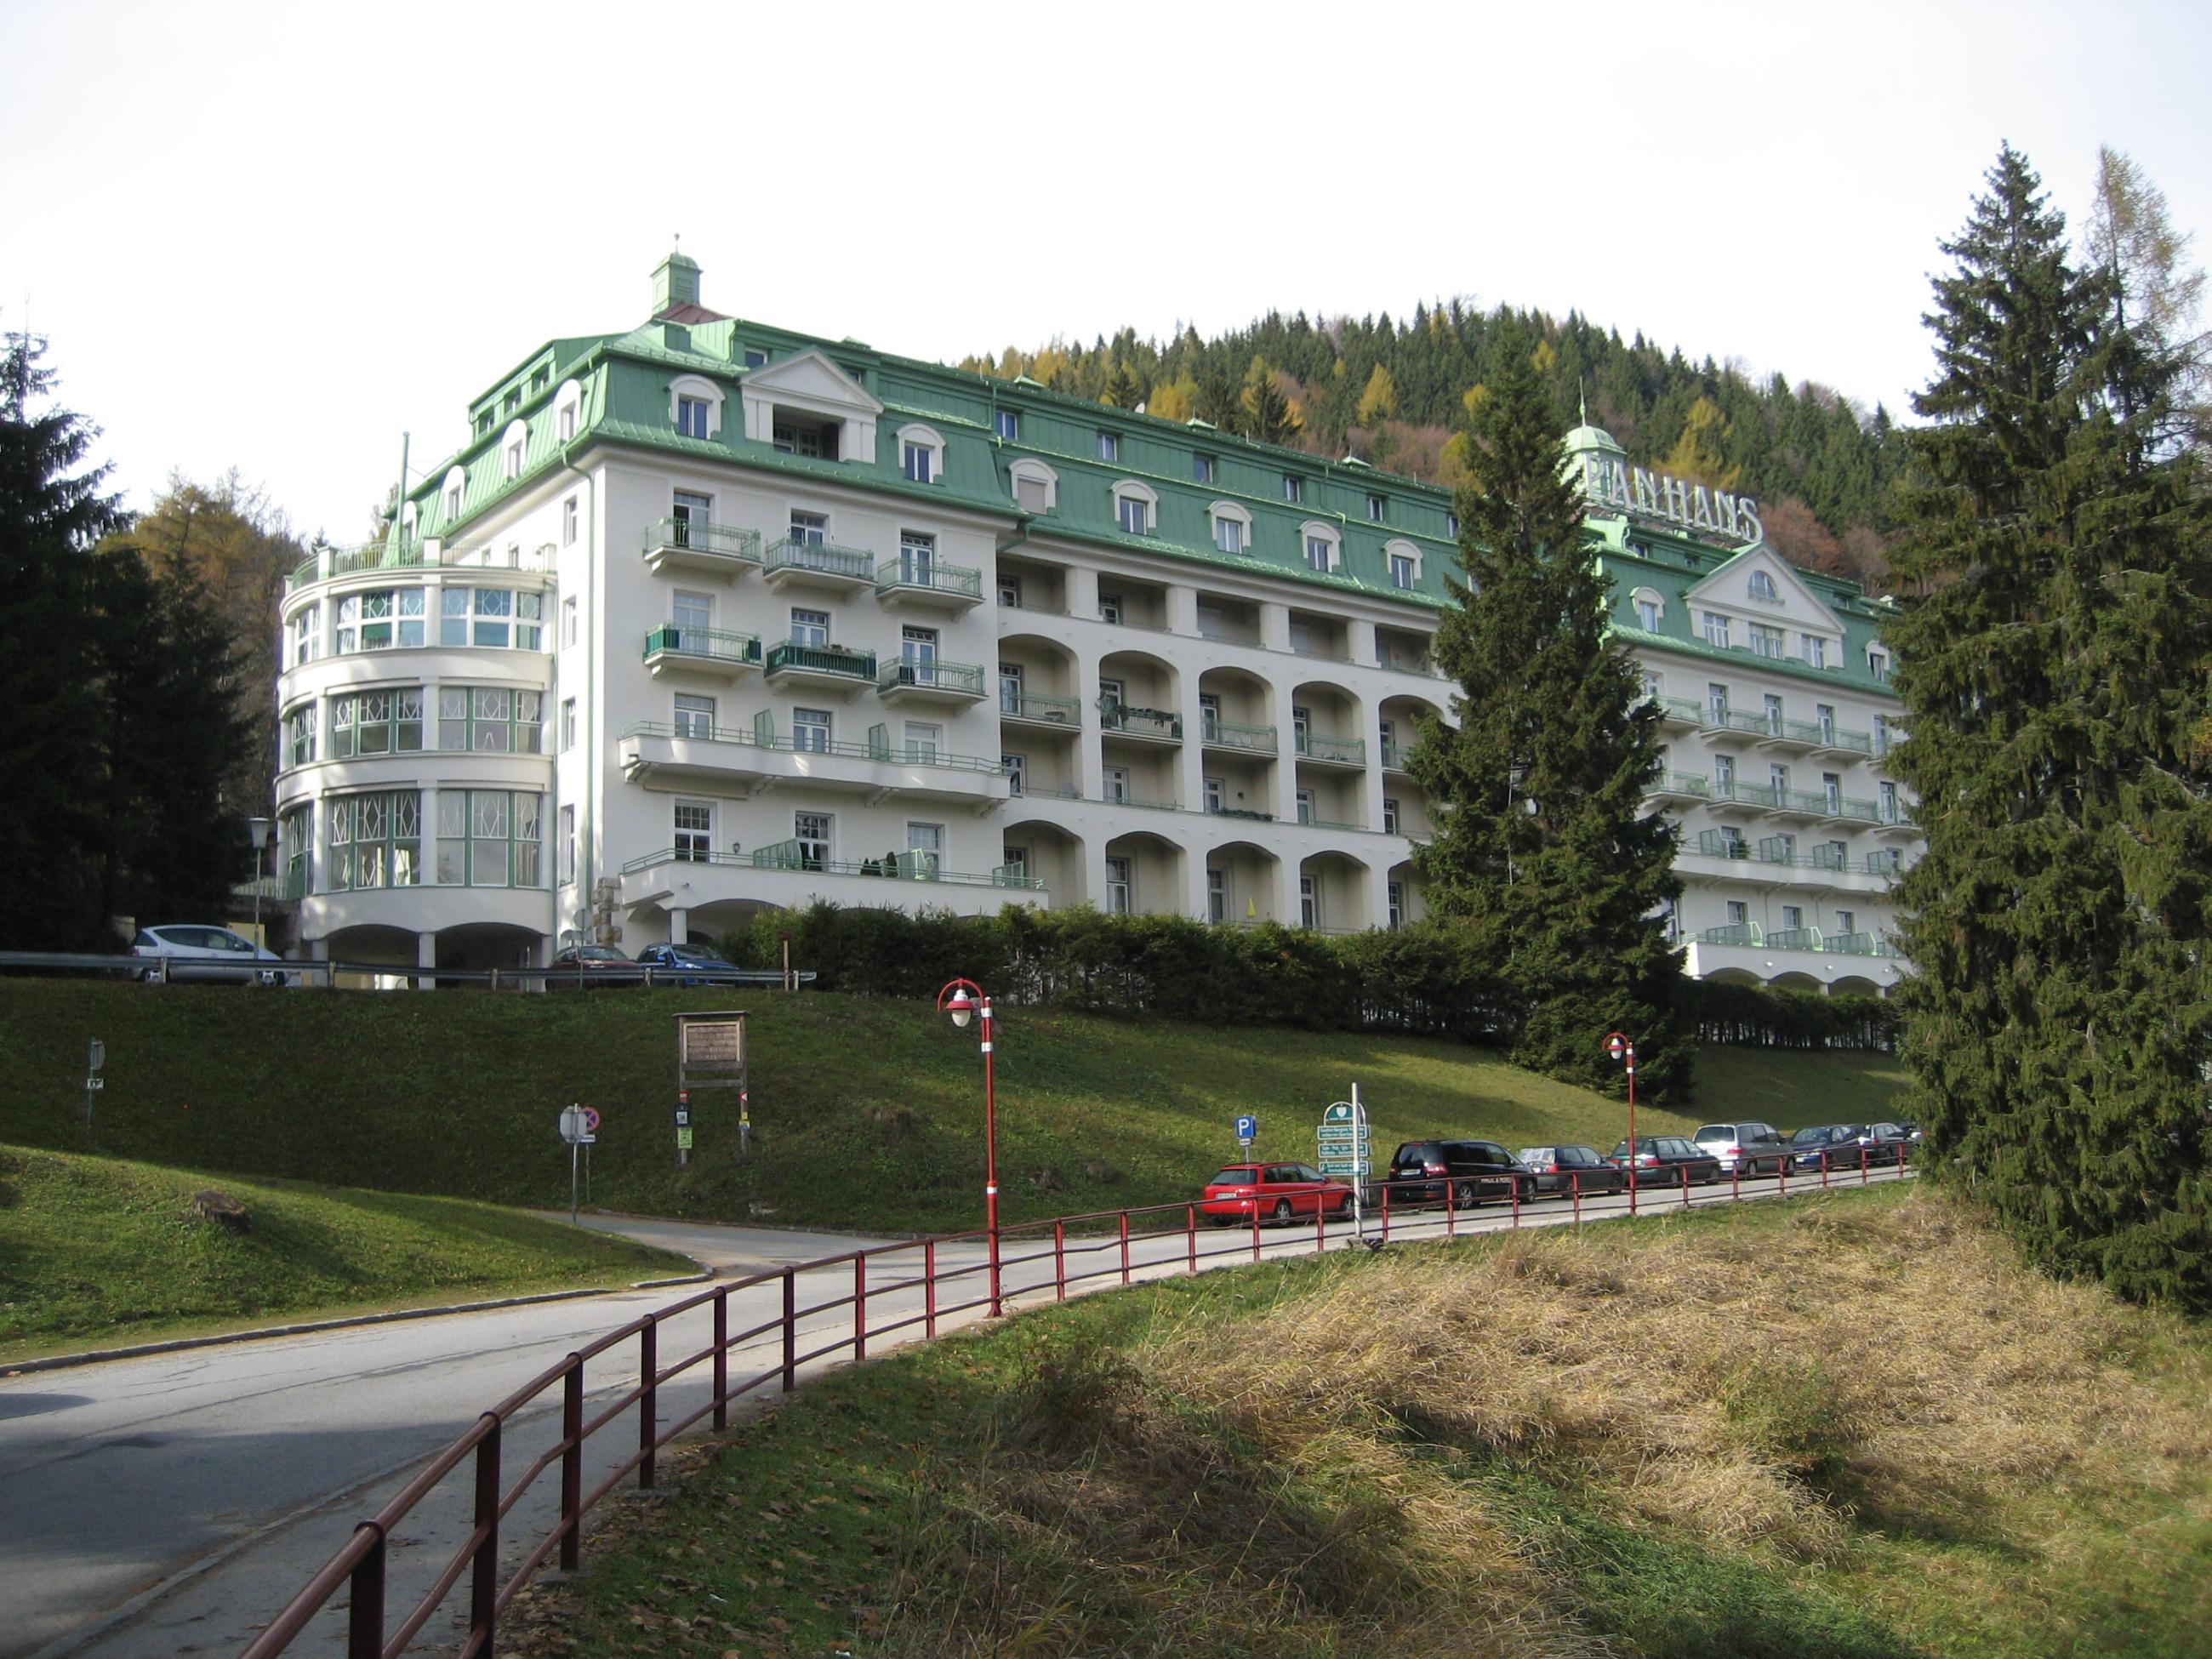 Www Hotels Am Millstadter See Mit Reitstall De